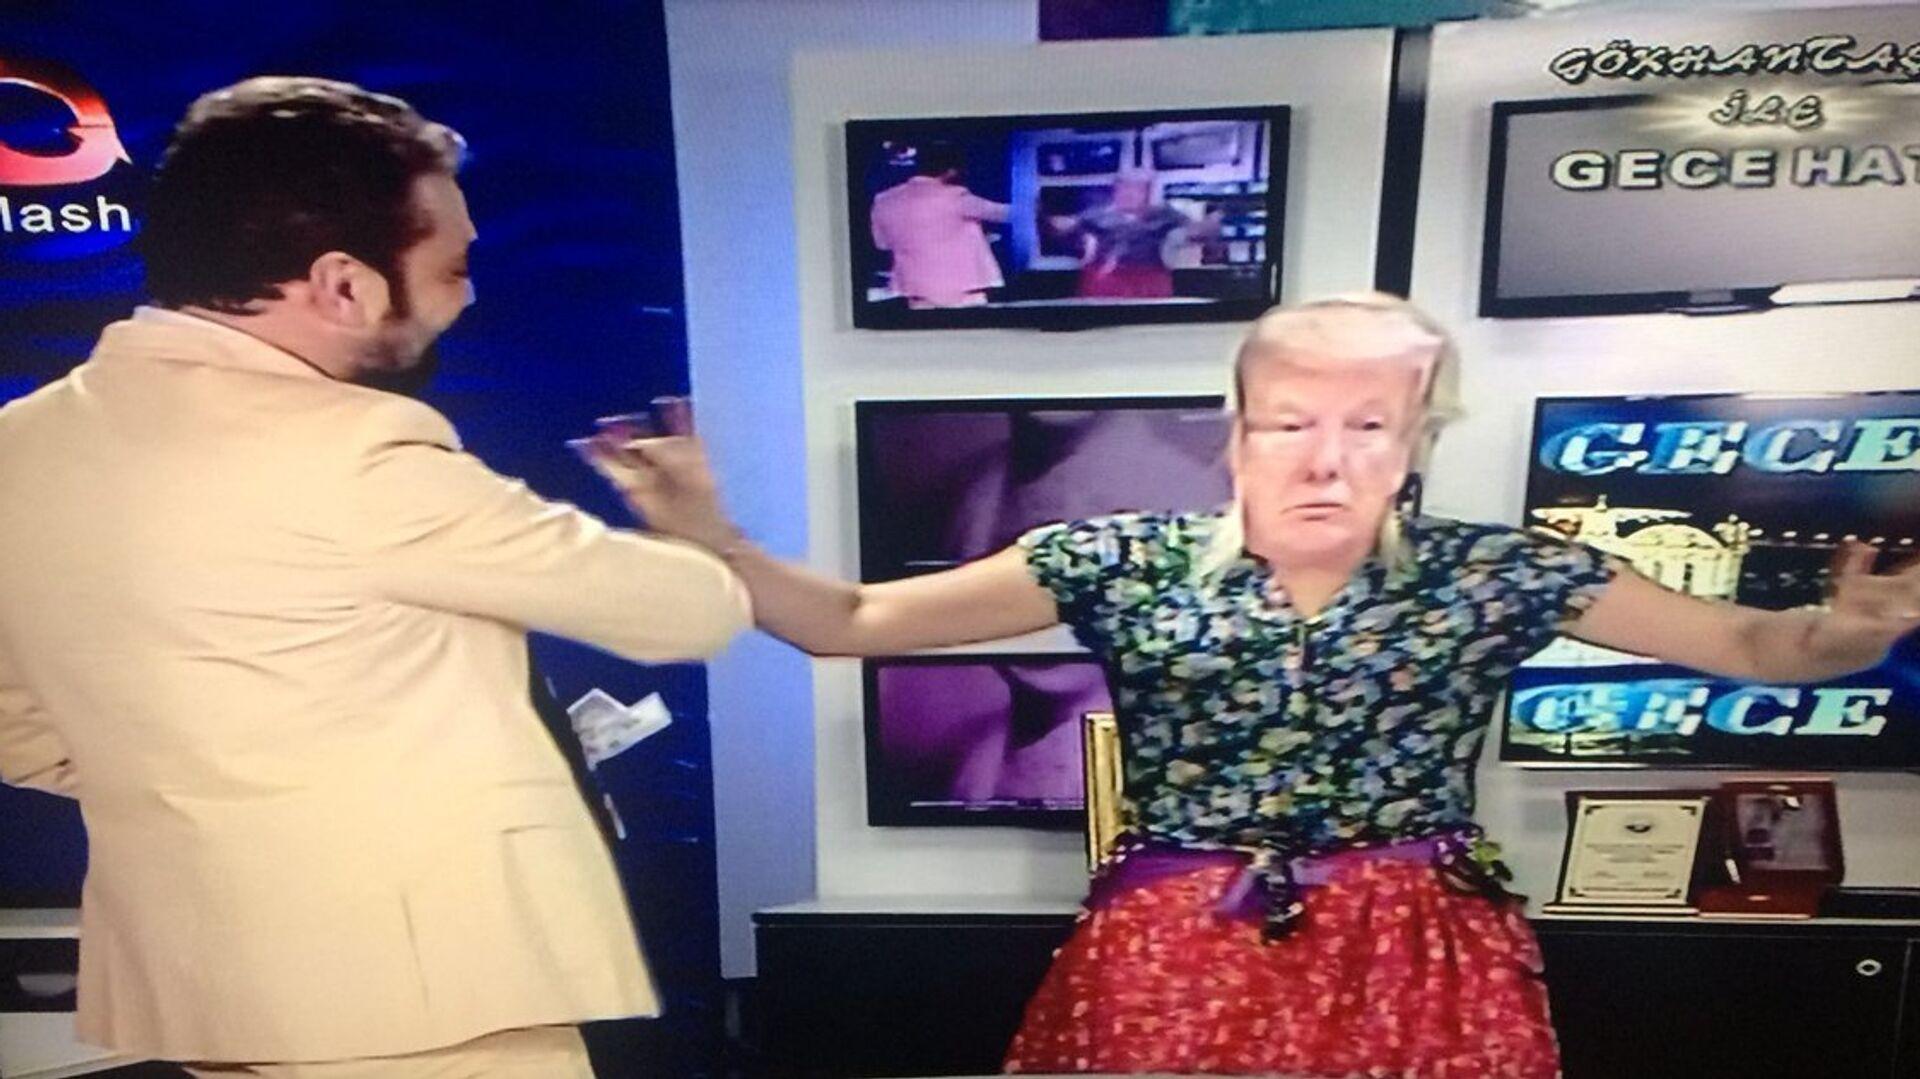 Flash TV sunucusundan dolar protestosu: Trump maskesi takarak dans eden kadına dolar fırlattı - Sputnik Türkiye, 1920, 25.04.2021